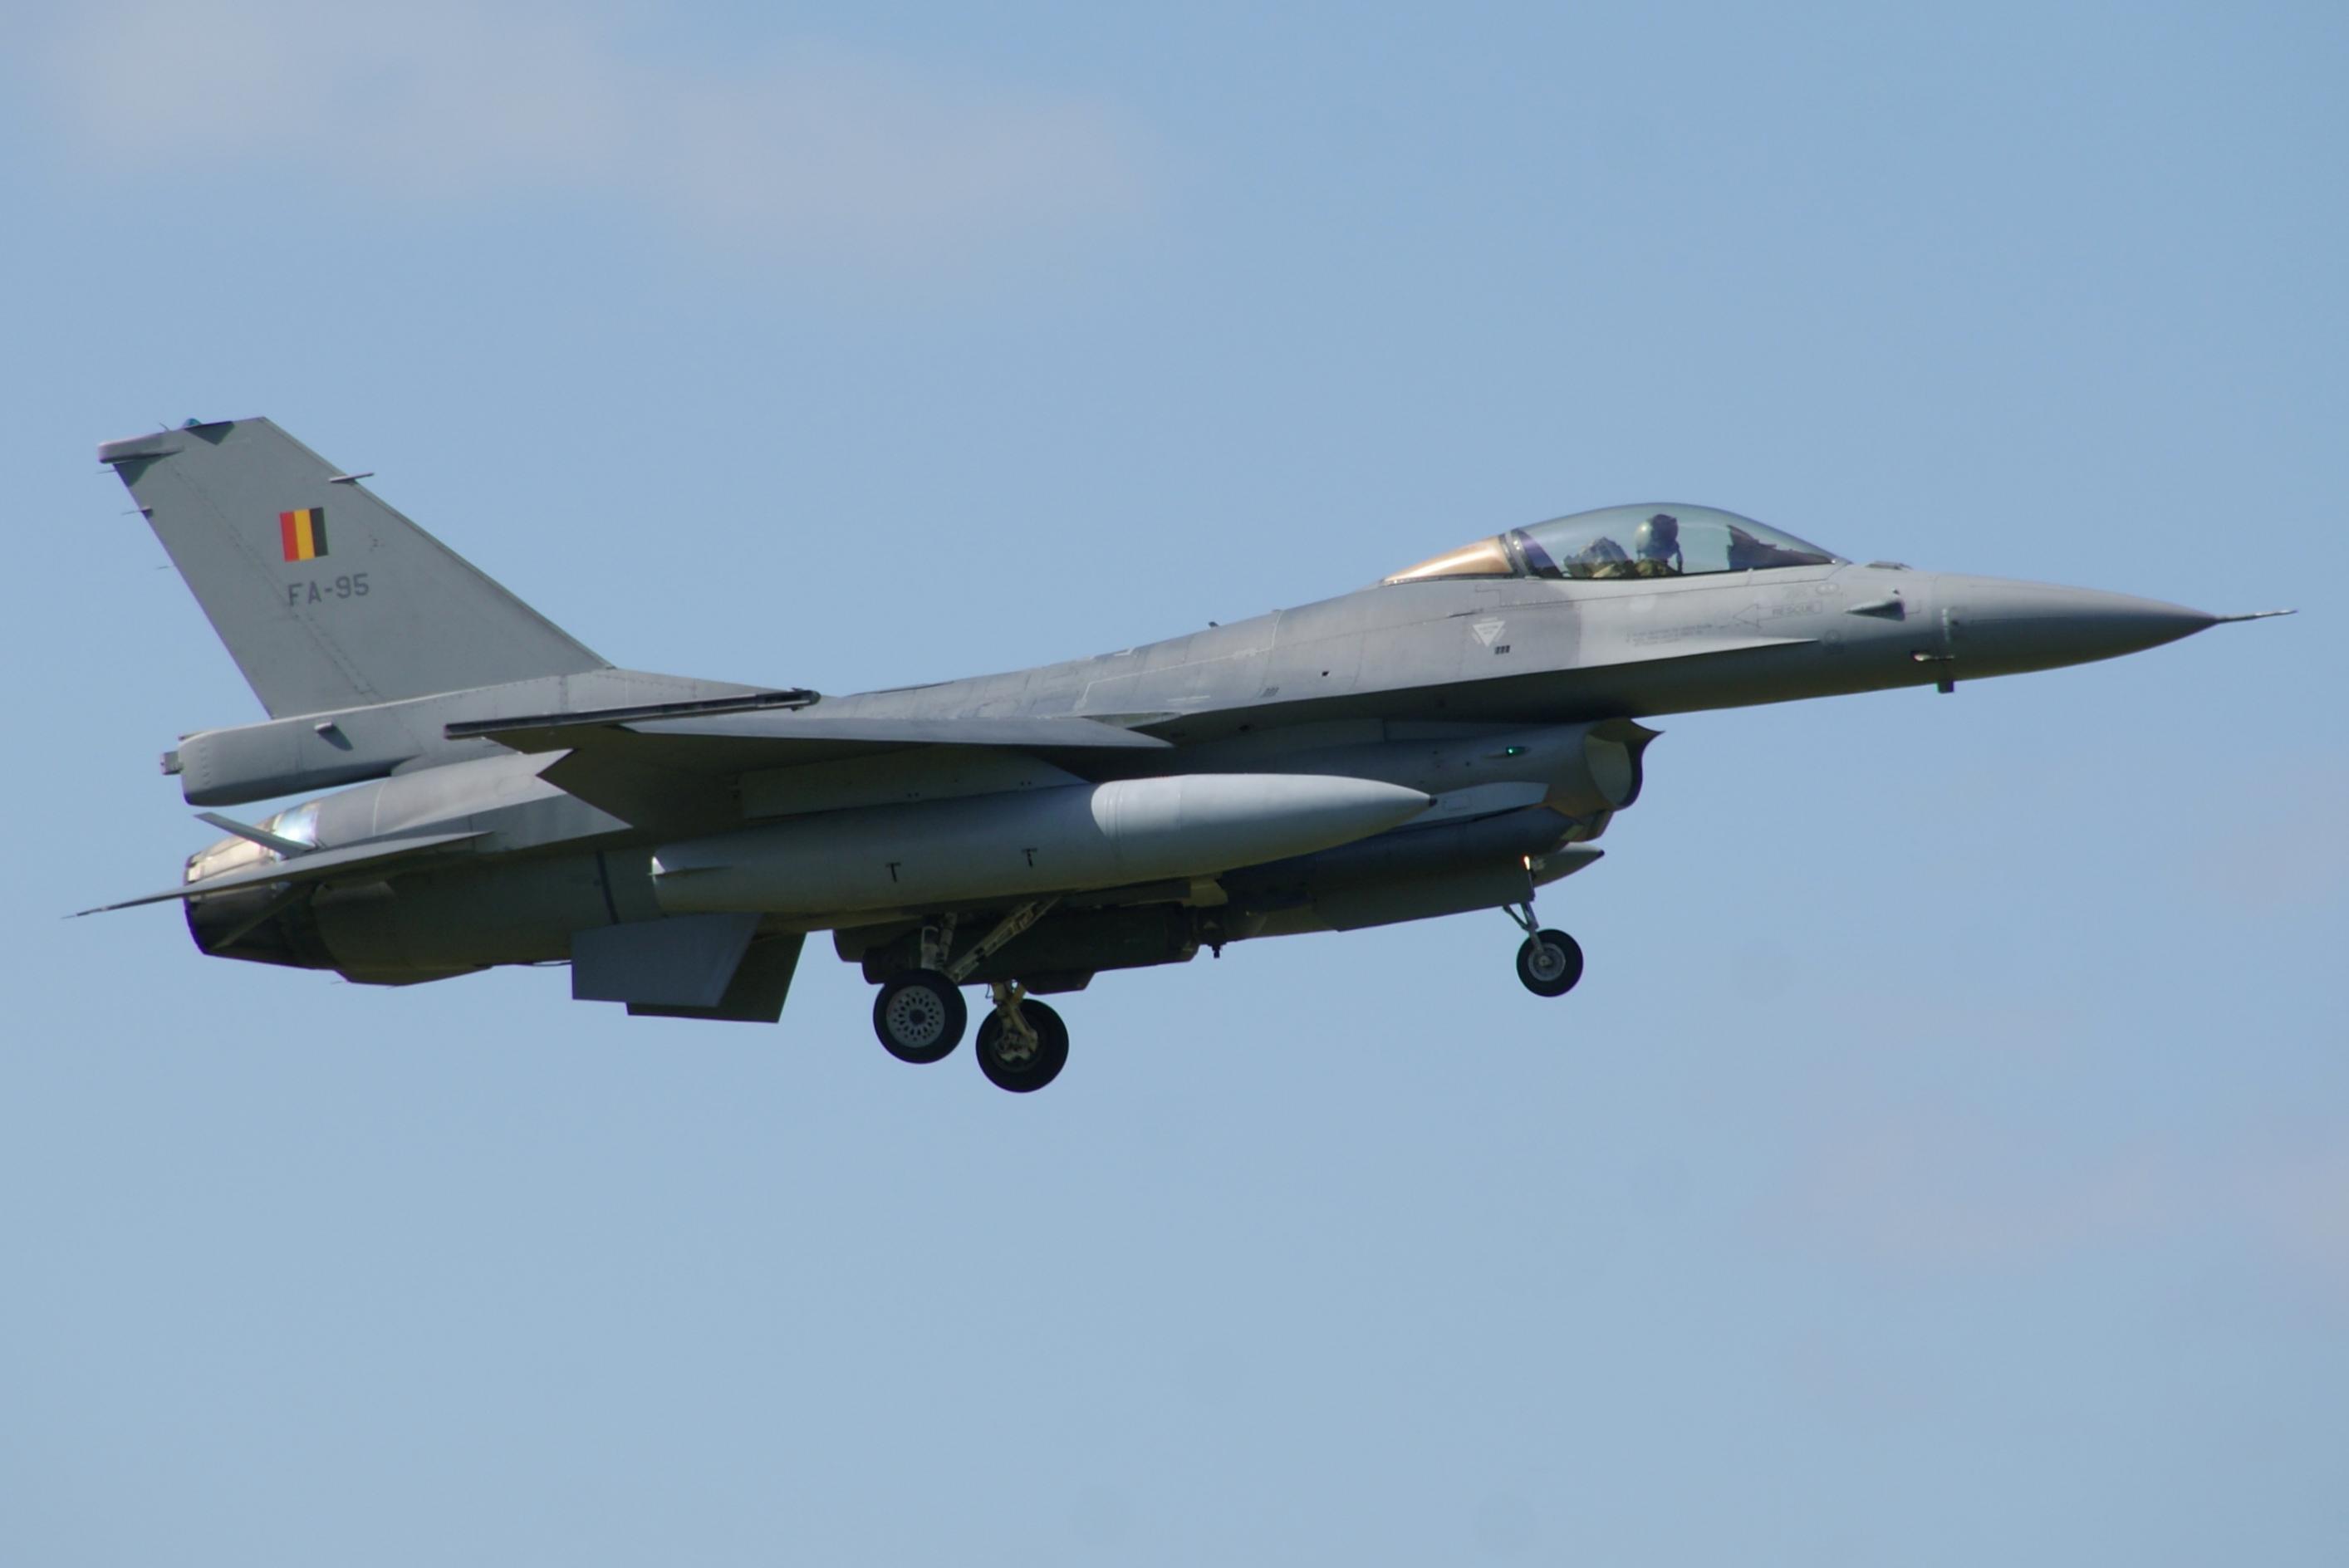 Naam: FA-95 NK.jpg Bekeken: 383 Grootte: 145,0 KB